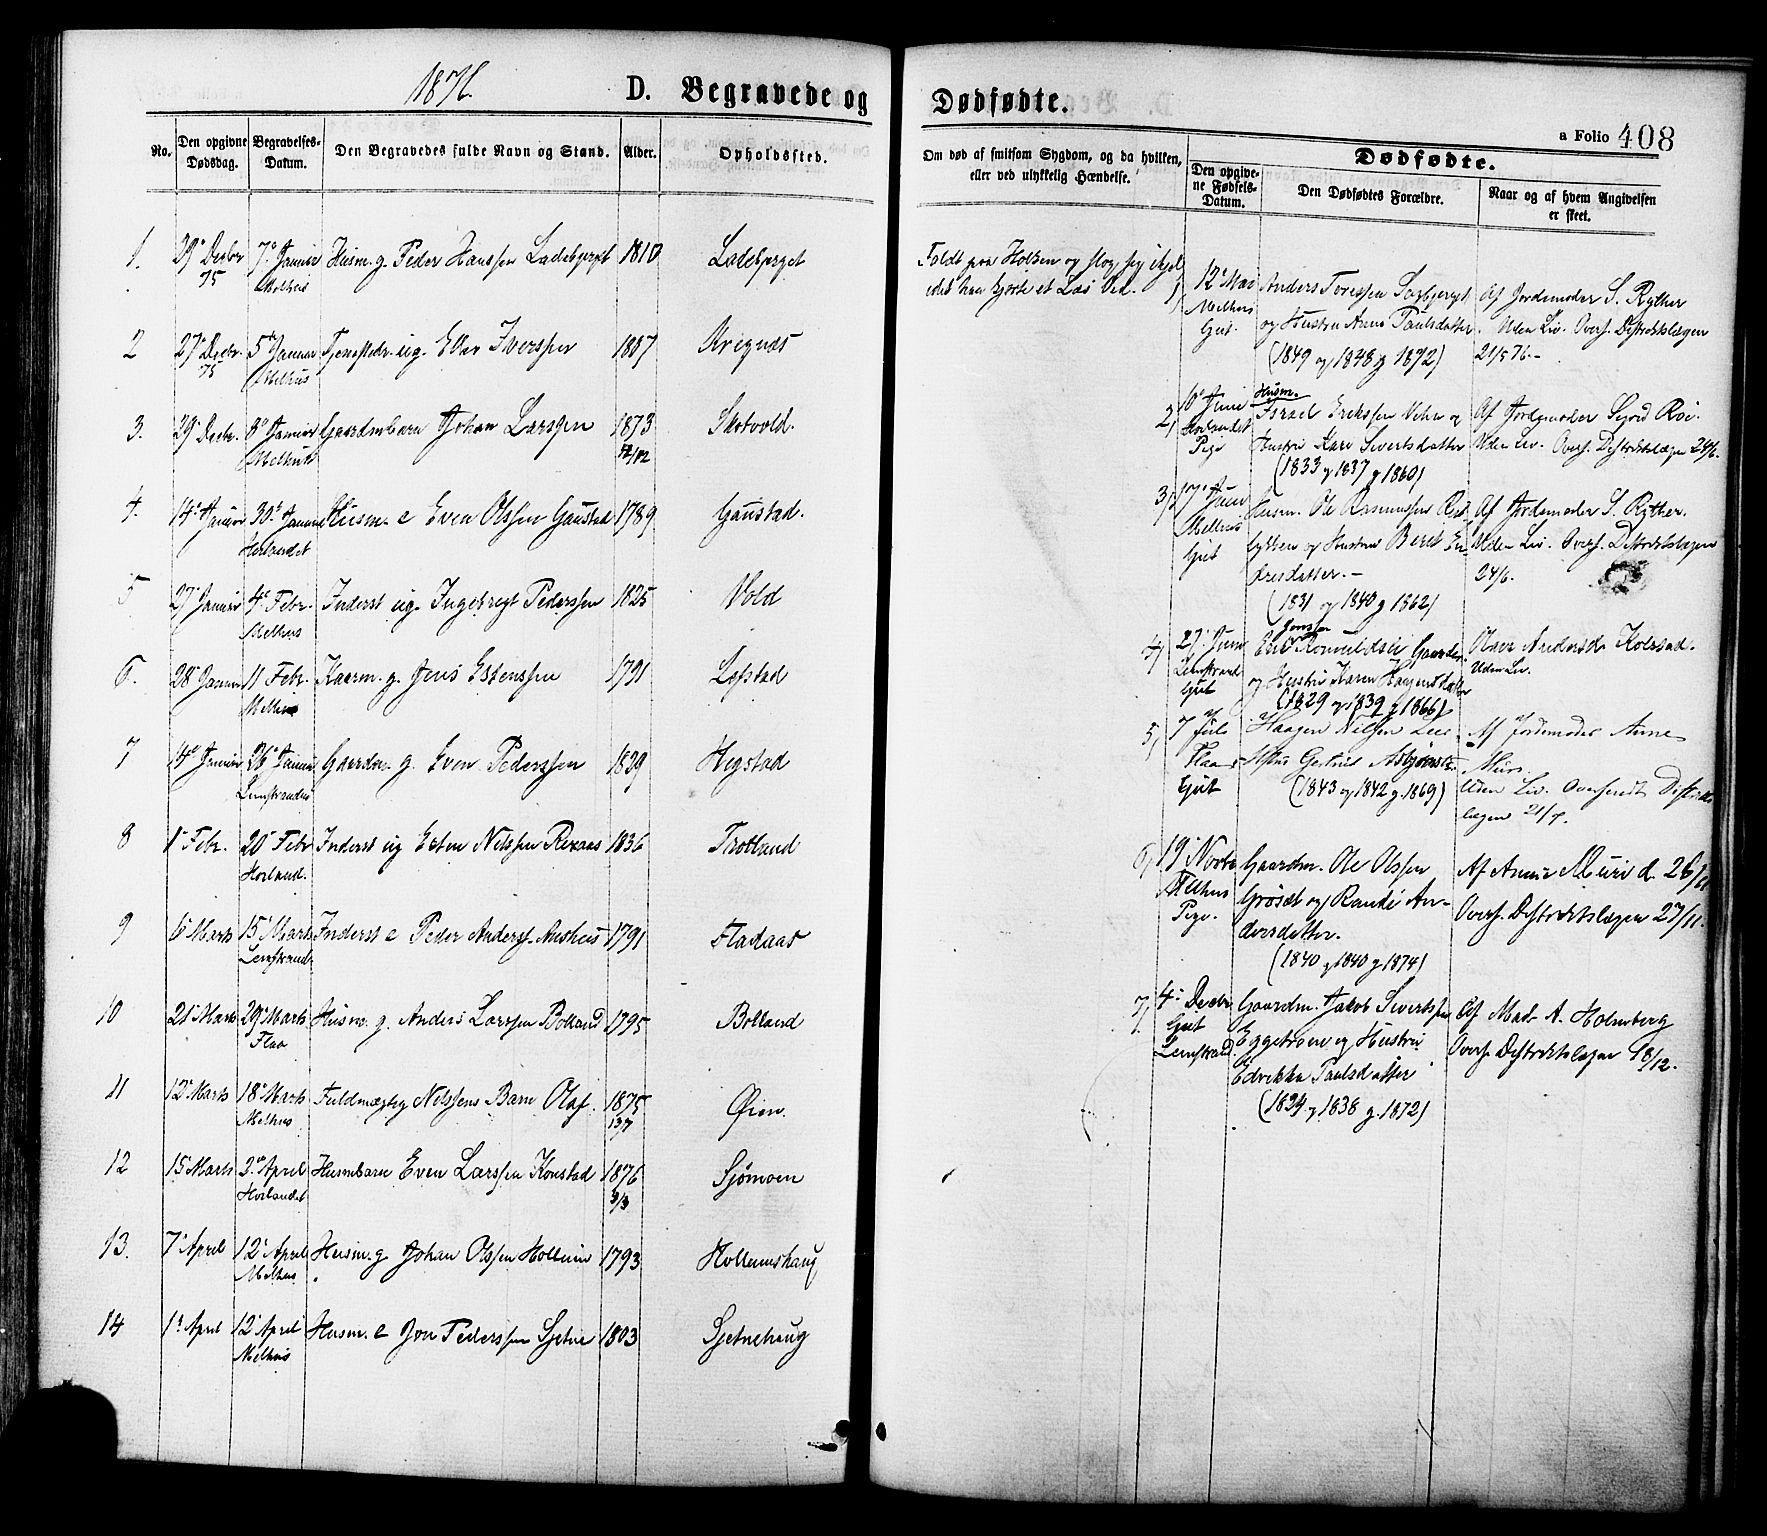 SAT, Ministerialprotokoller, klokkerbøker og fødselsregistre - Sør-Trøndelag, 691/L1079: Ministerialbok nr. 691A11, 1873-1886, s. 408